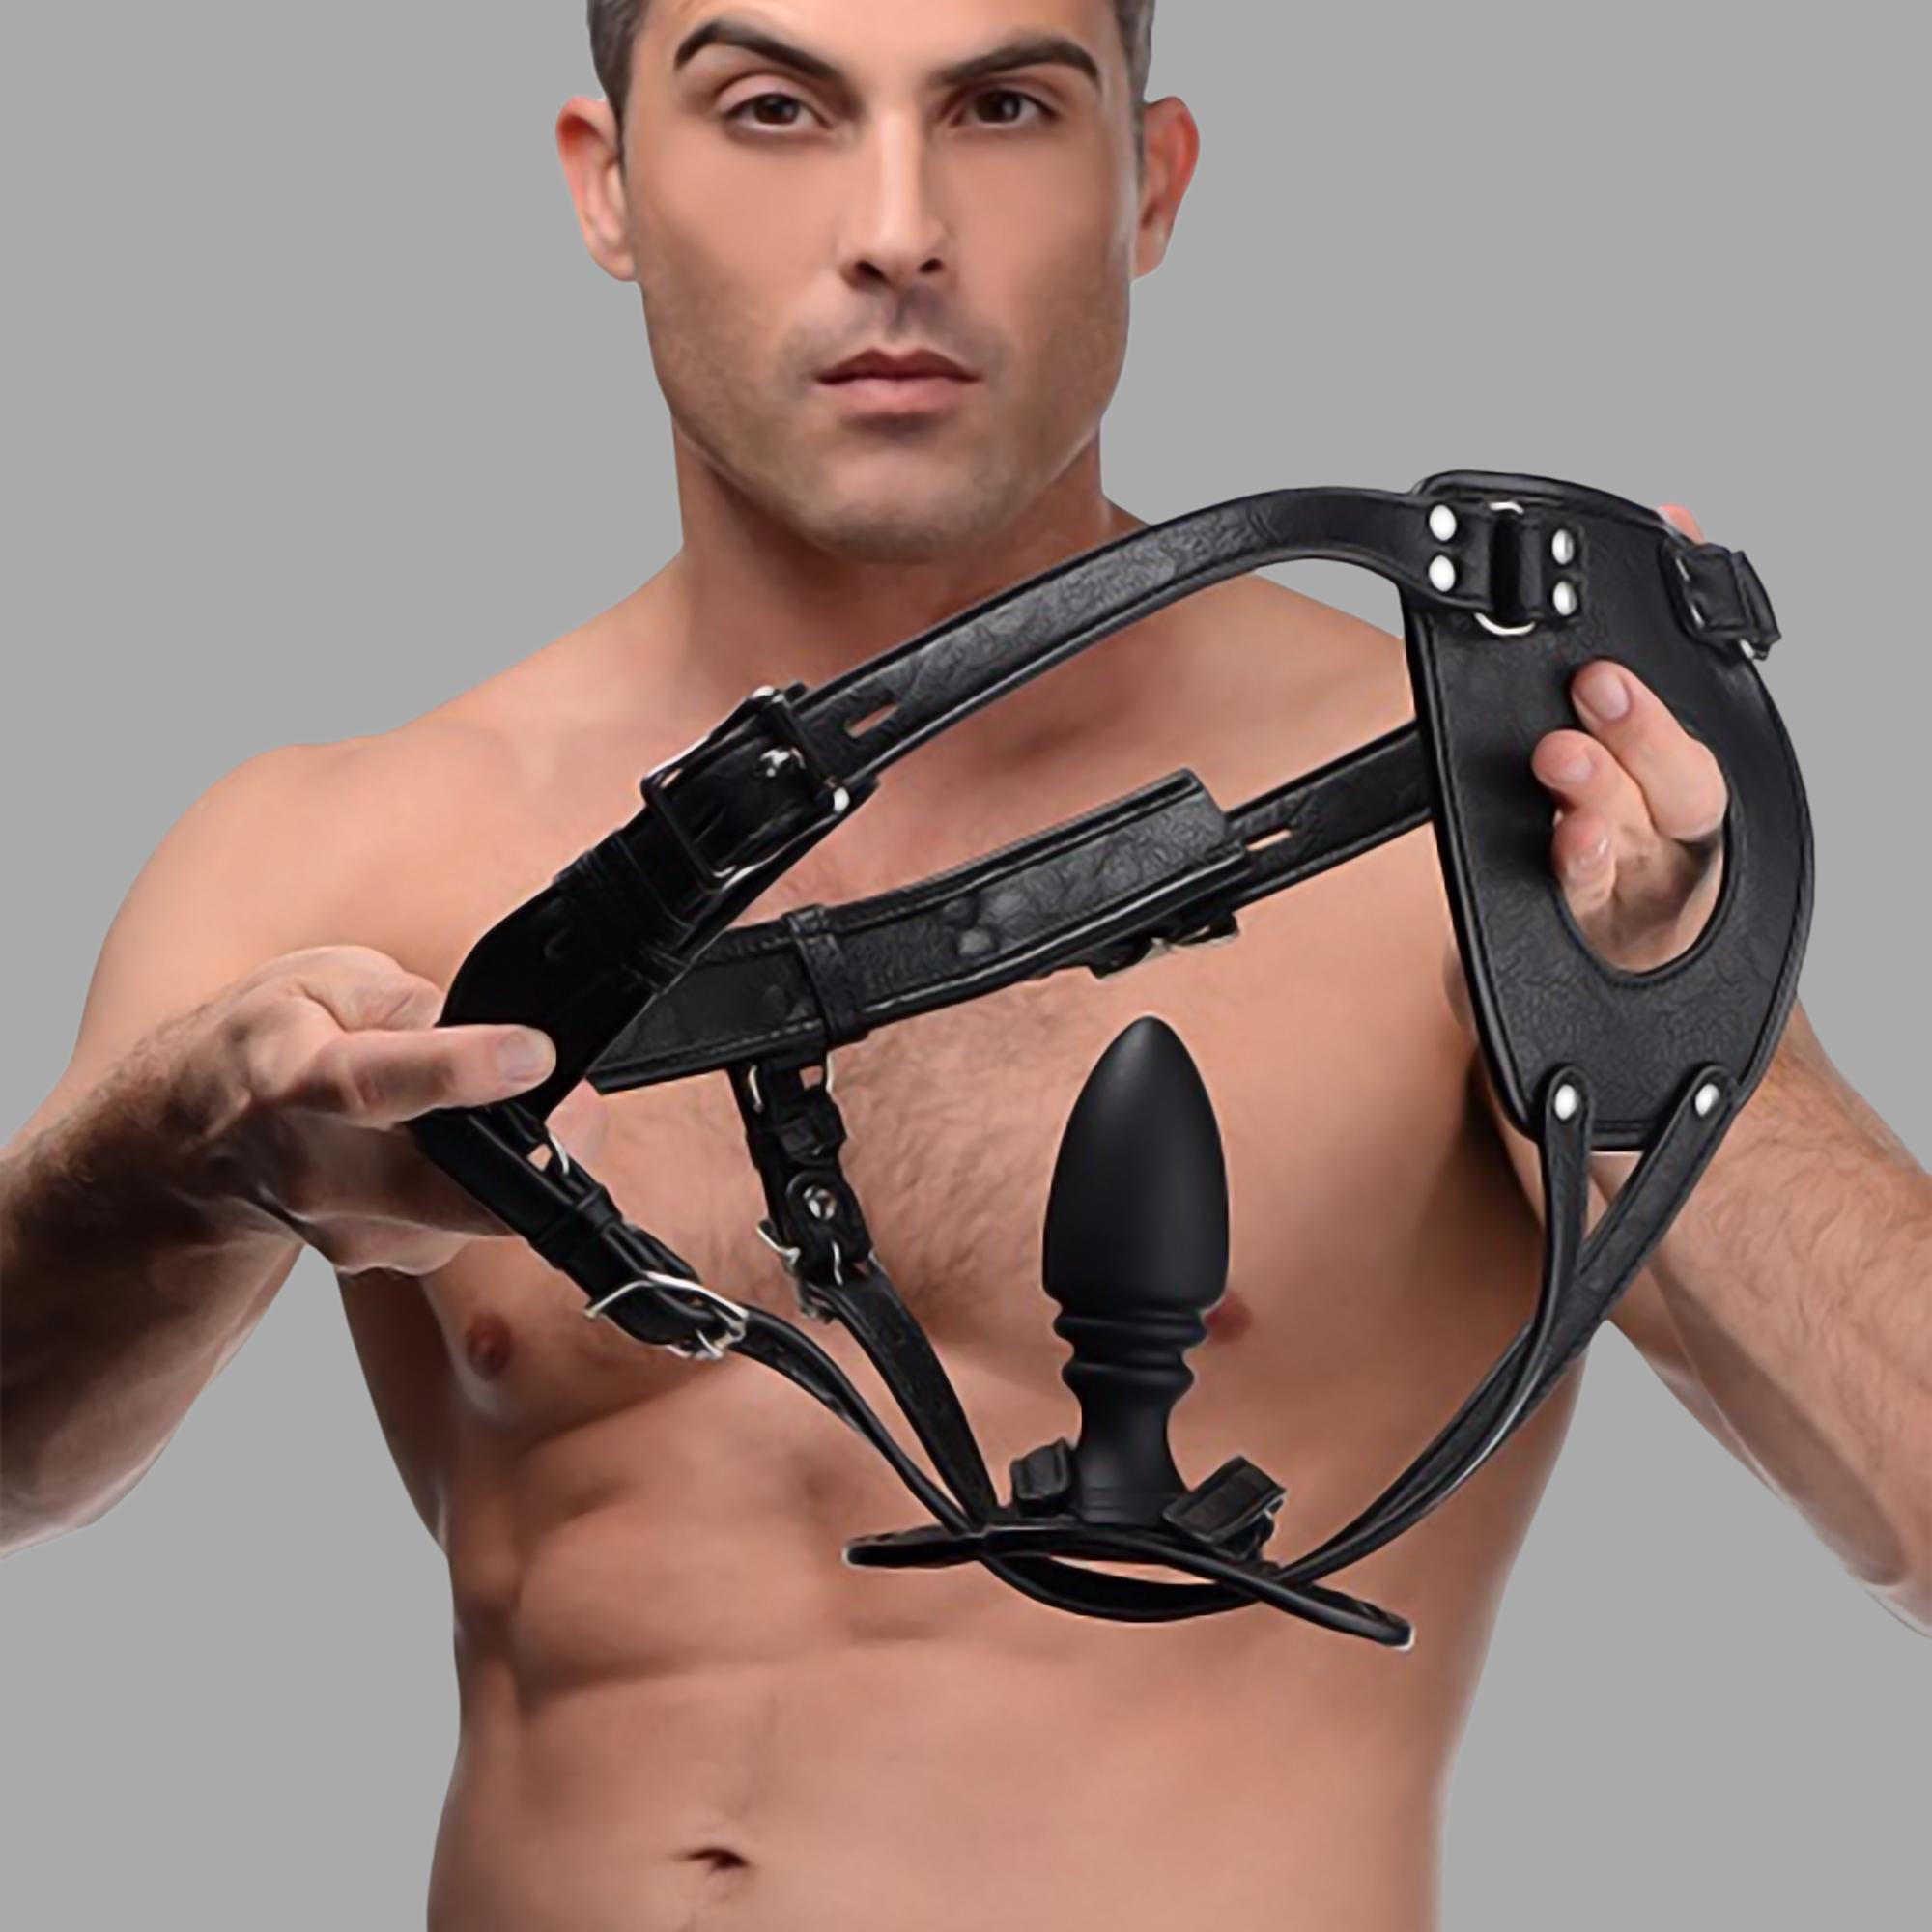 Analplug buy ass holster - anal plug harness from meo   anal plug